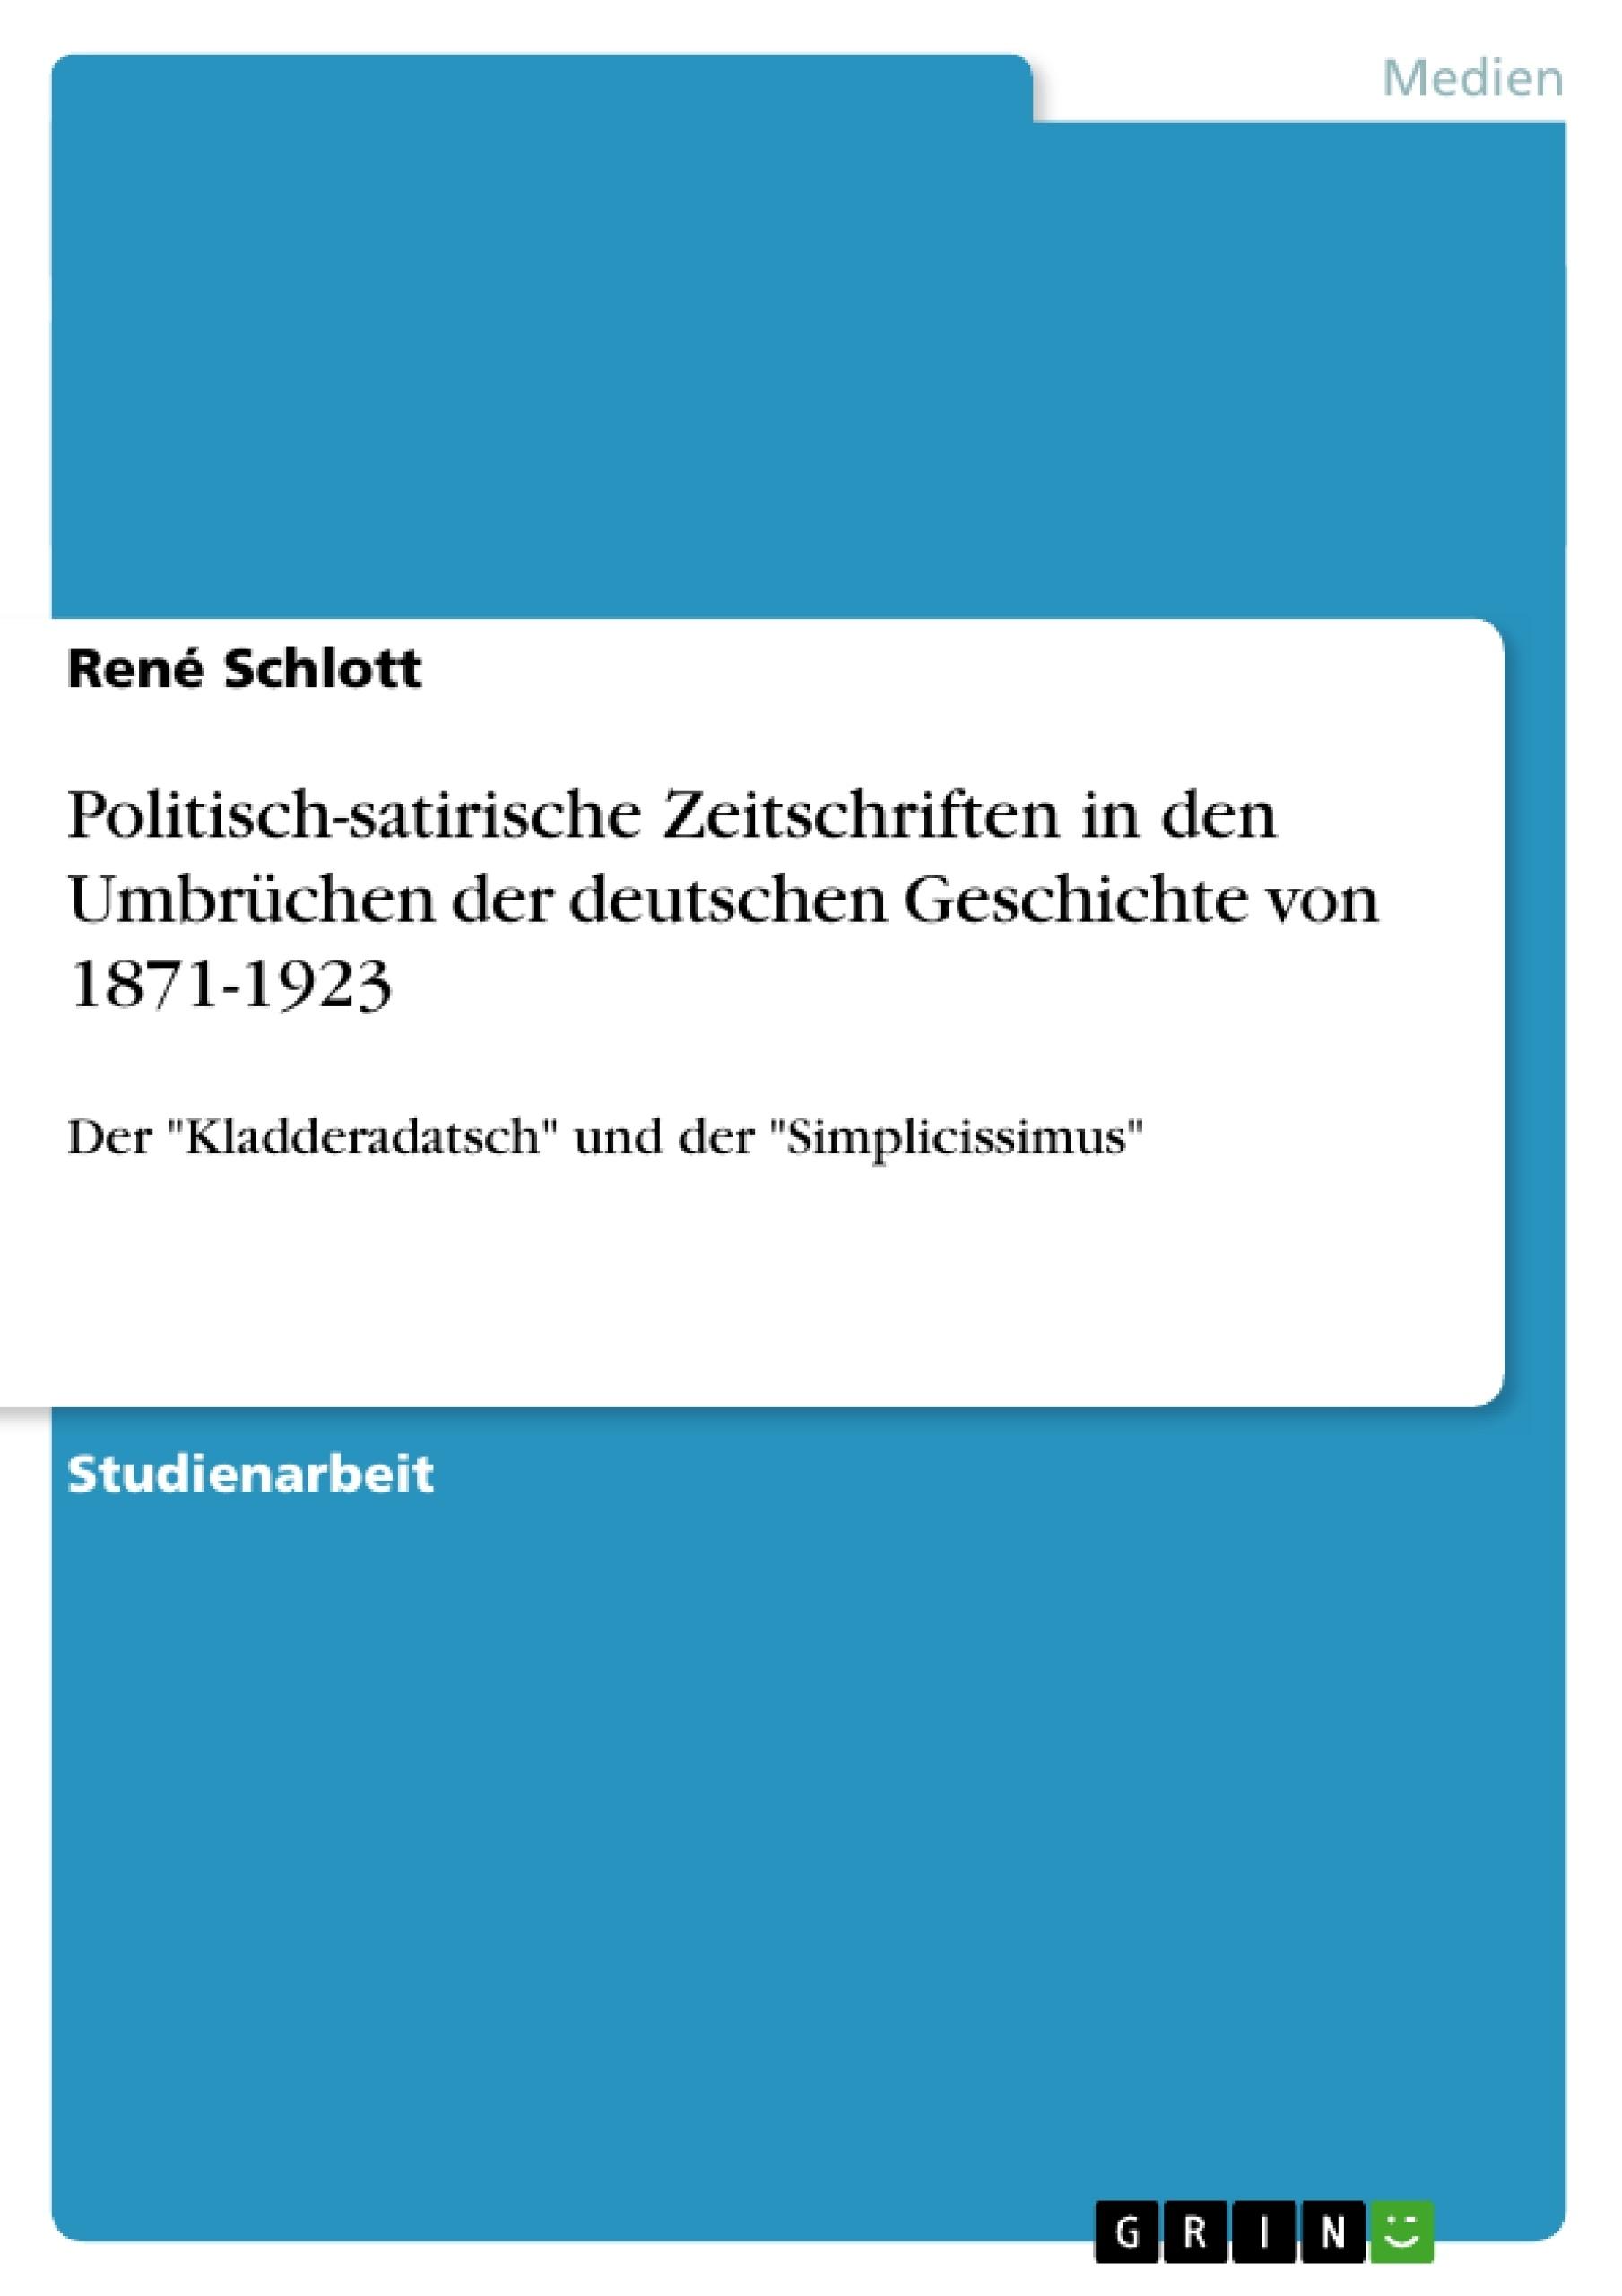 Titel: Politisch-satirische Zeitschriften in den Umbrüchen der deutschen Geschichte von 1871-1923